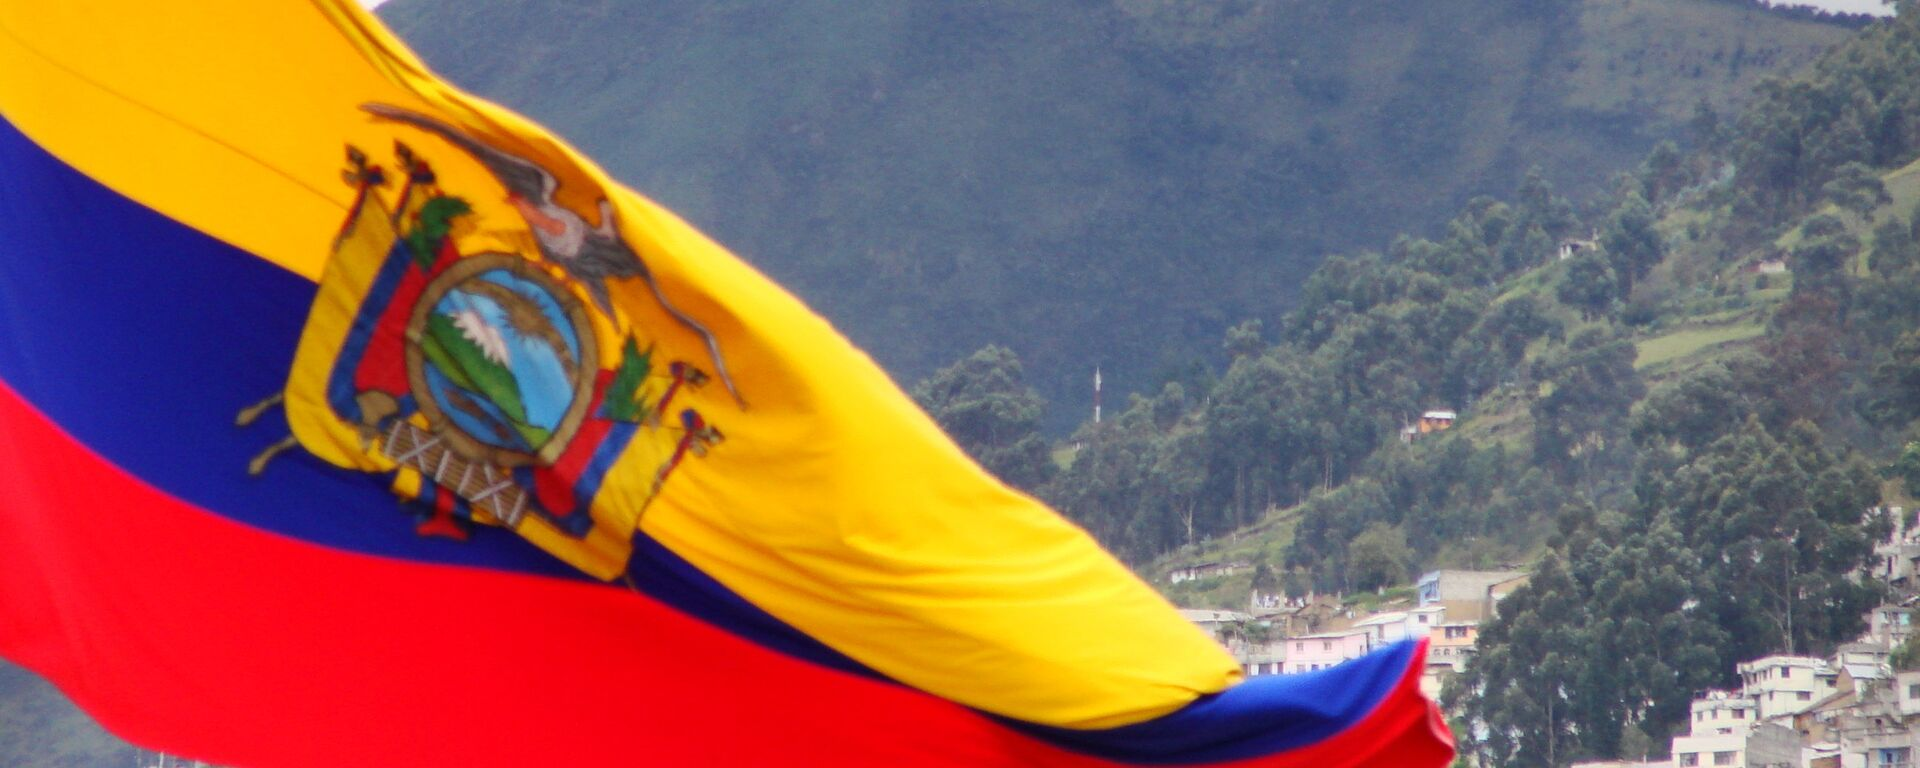 Bandera de Ecuador - Sputnik Mundo, 1920, 17.06.2021